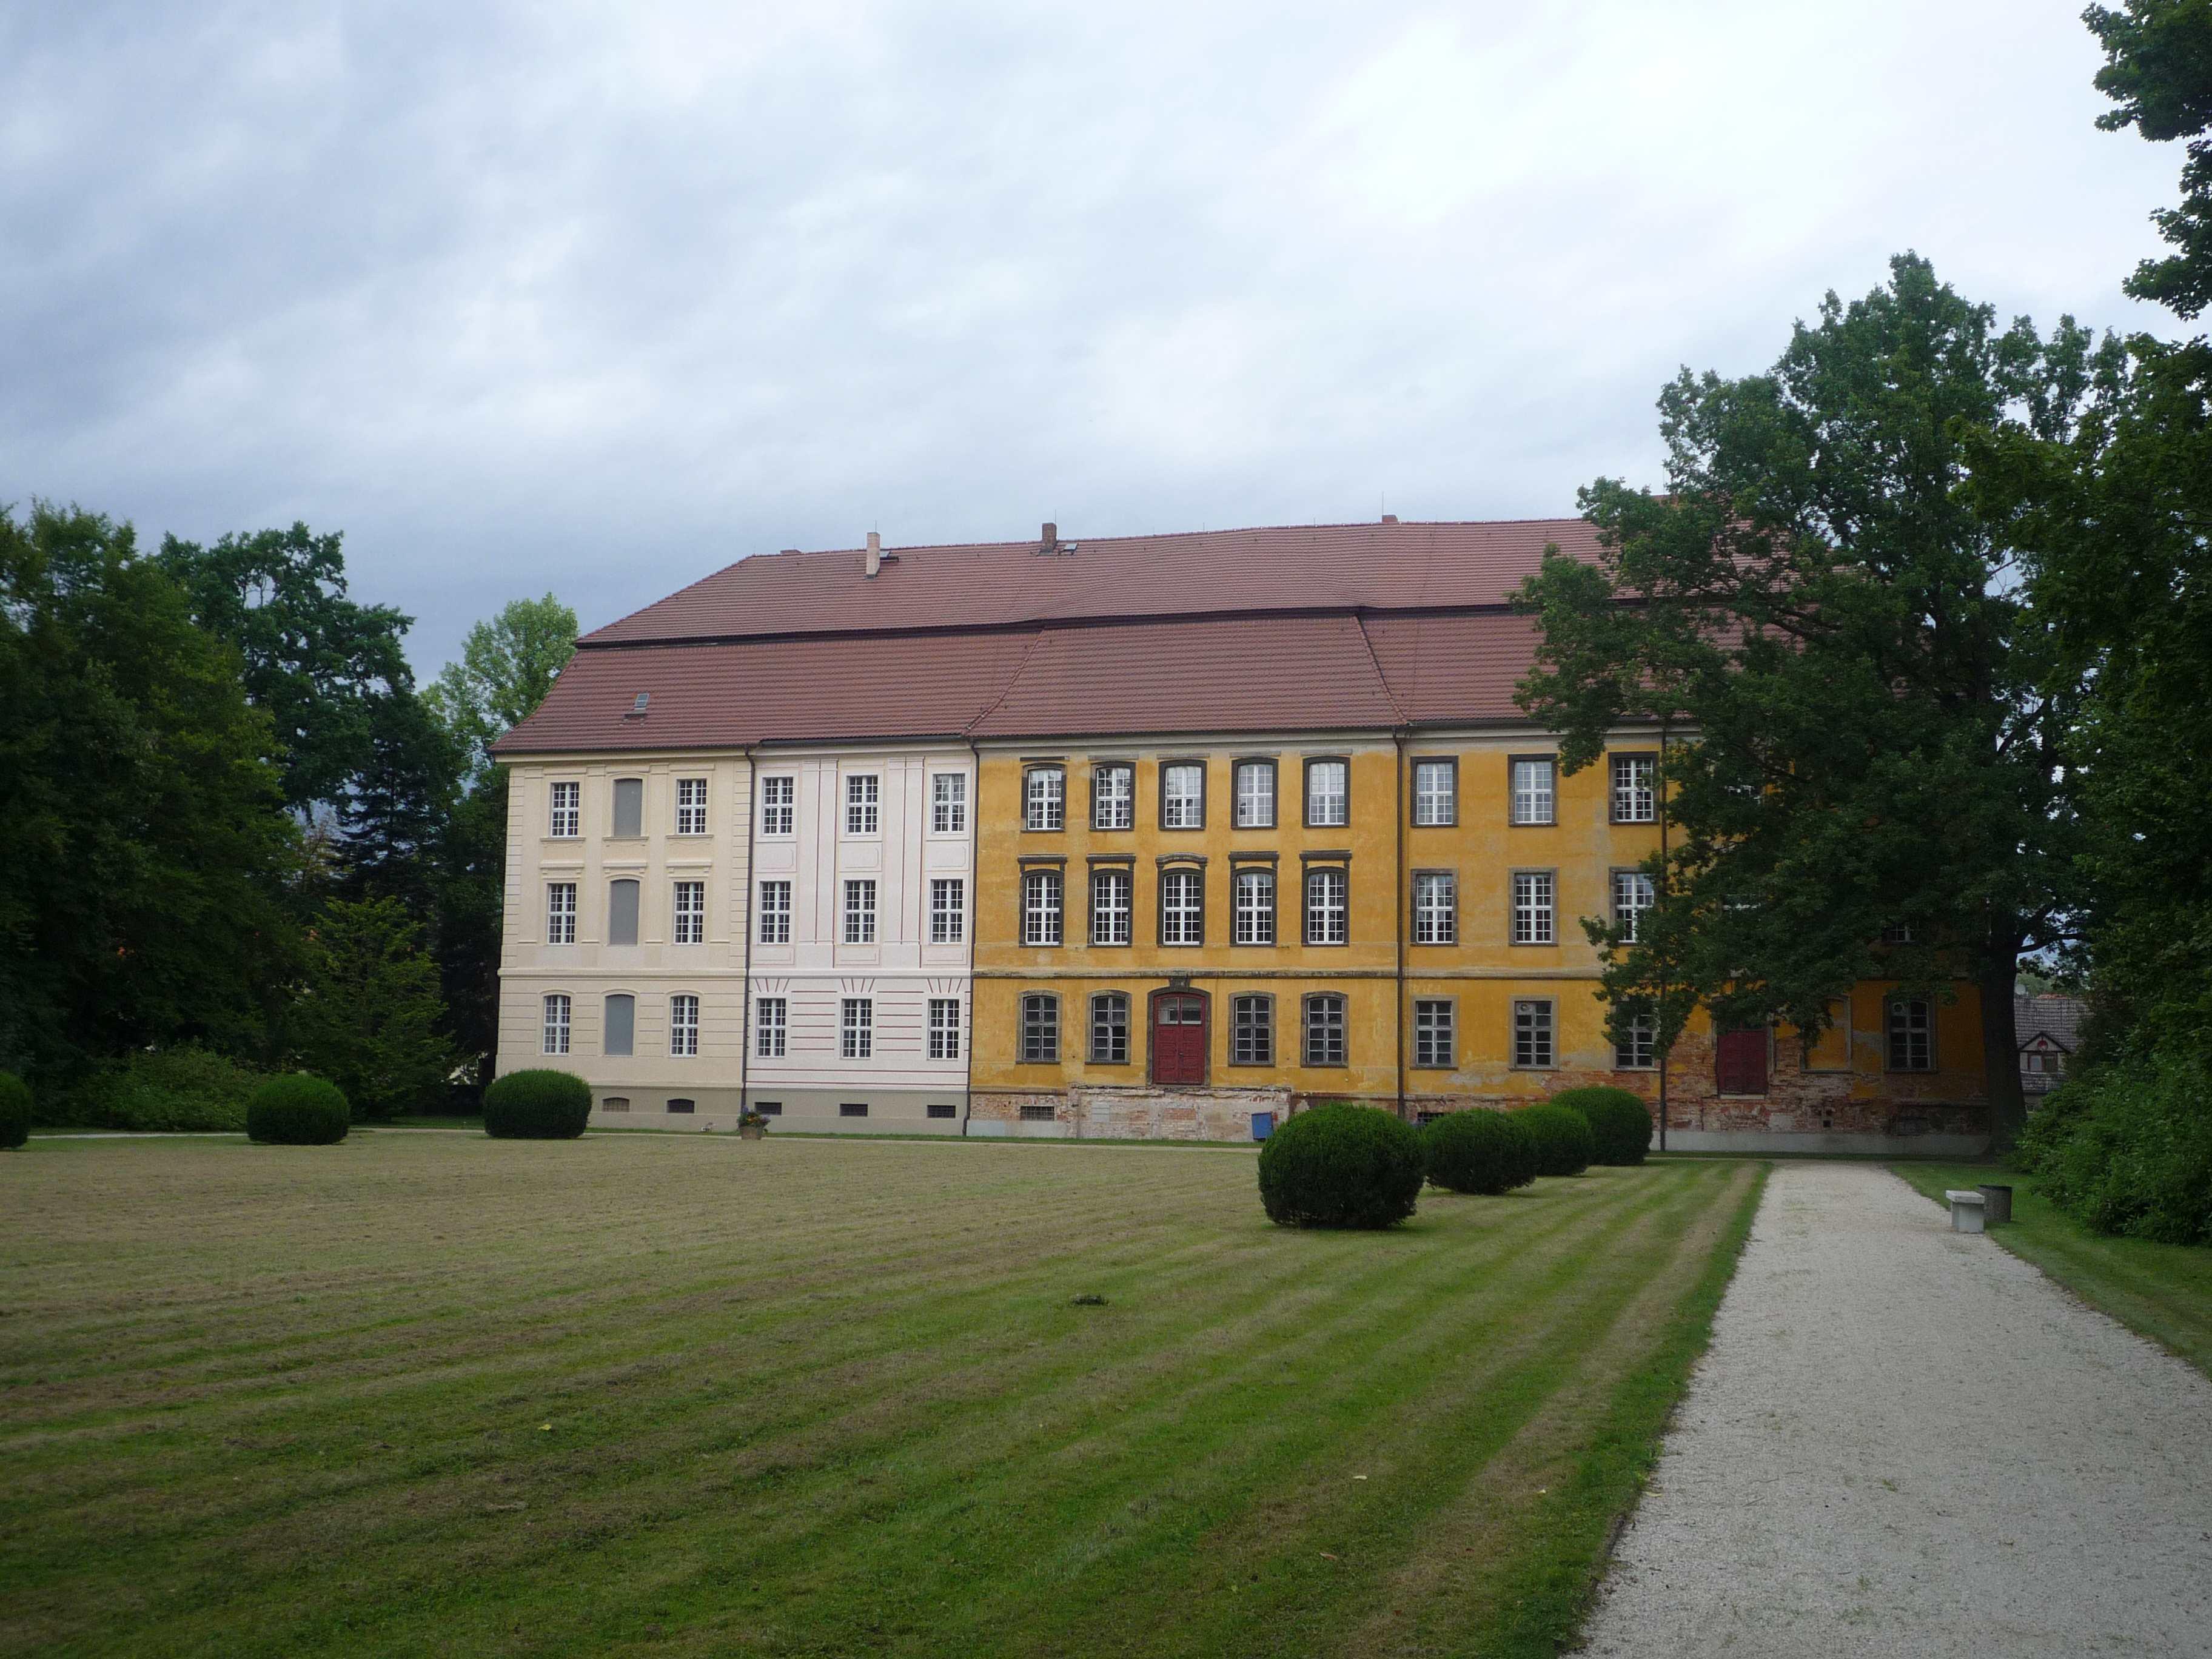 LDS-Lieberose-Schloss0-SG-2017.jpg